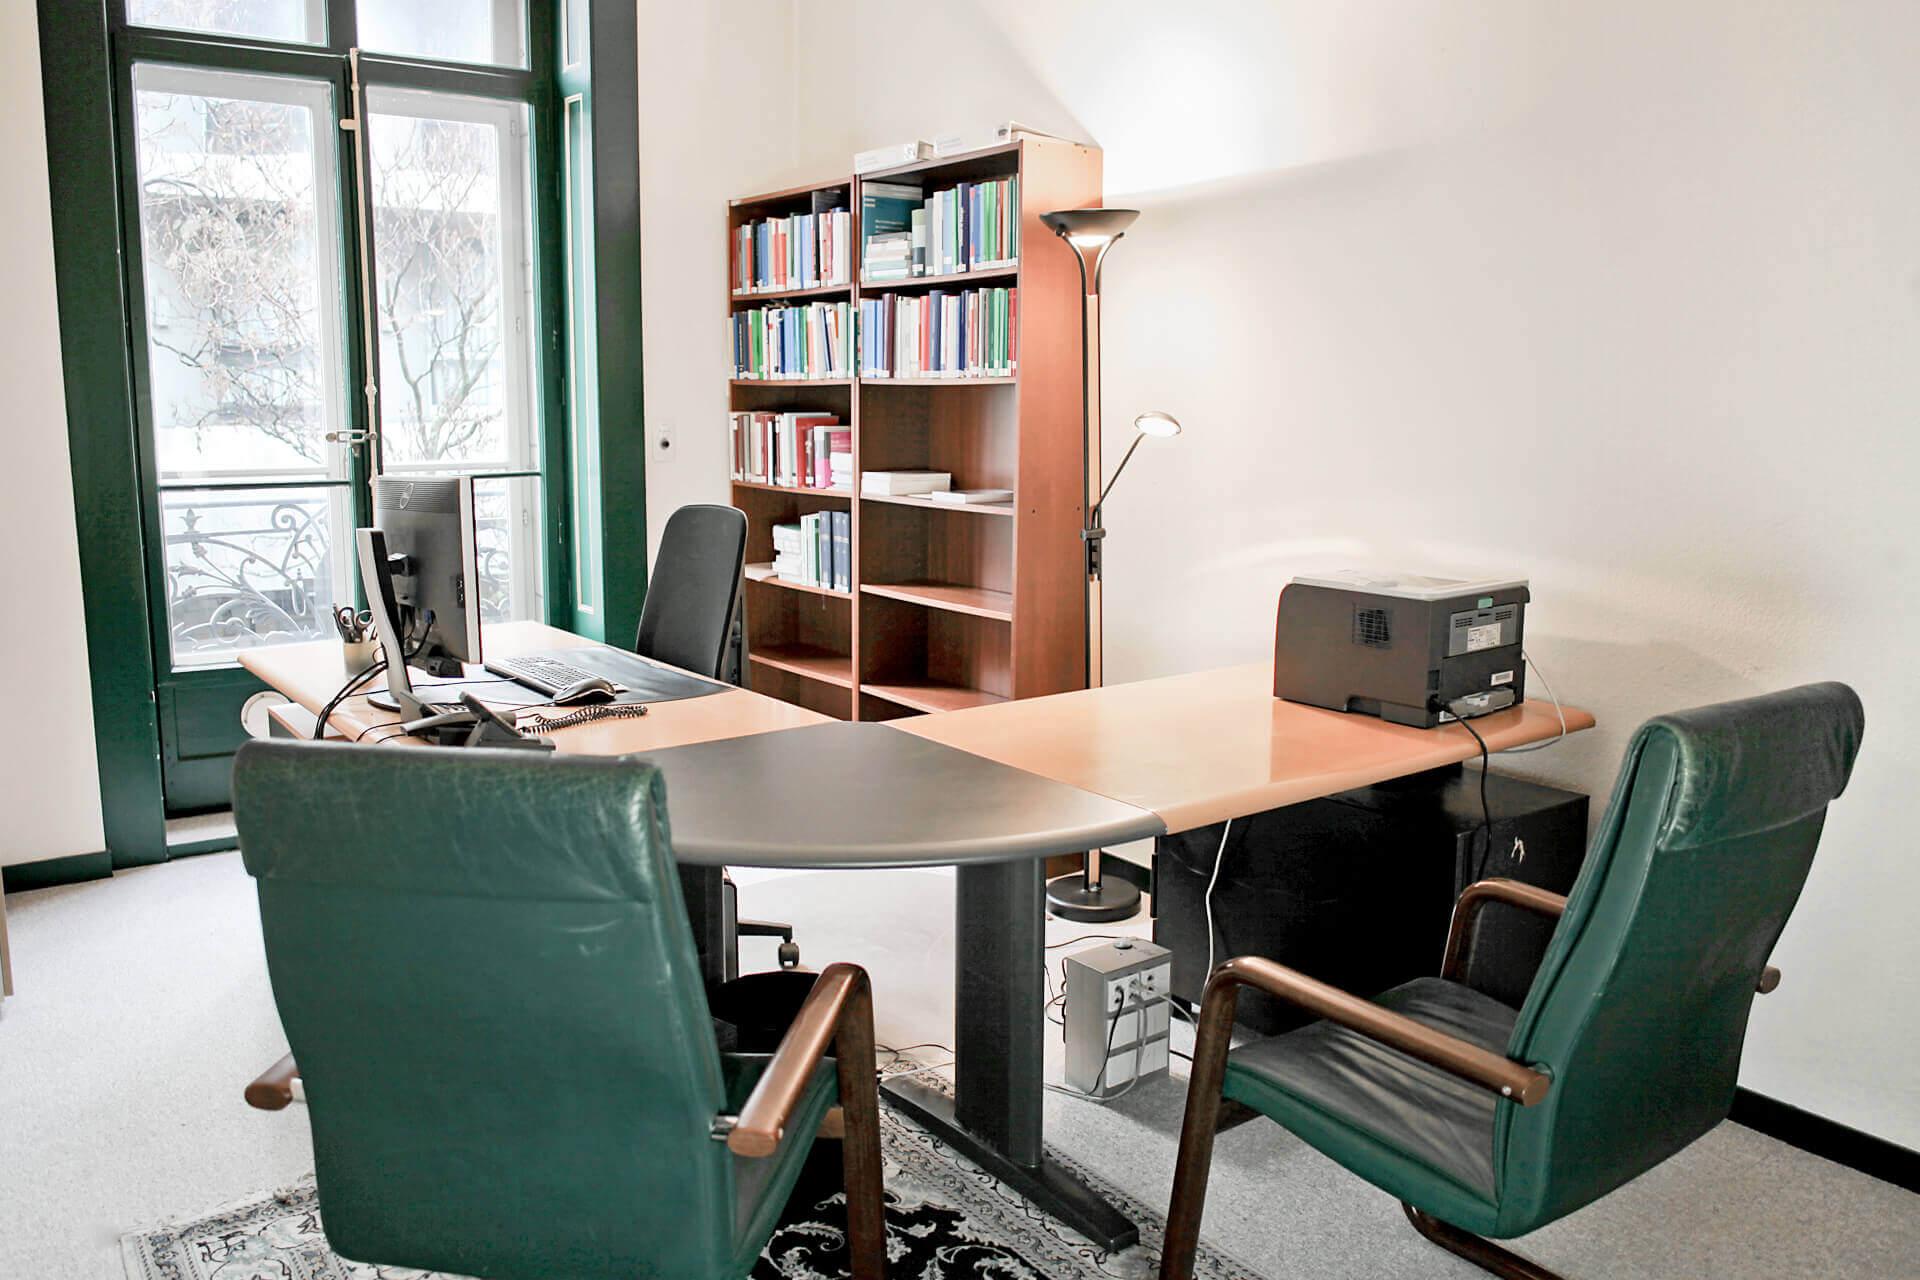 Bureau n°7 place de travail individuelle et rendez-vous 2 places